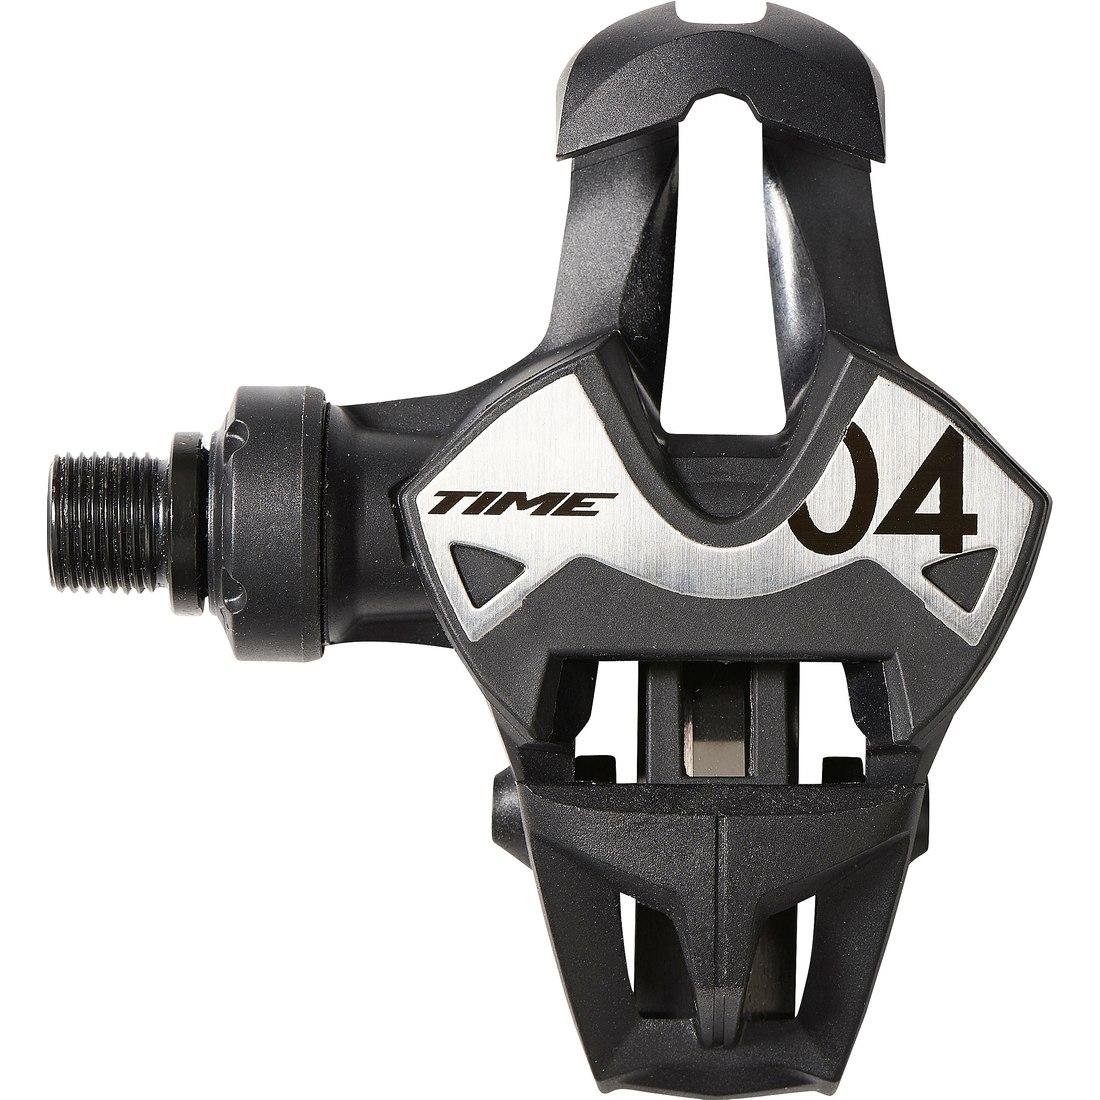 Time XPRESSO 4 Pedal - schwarz